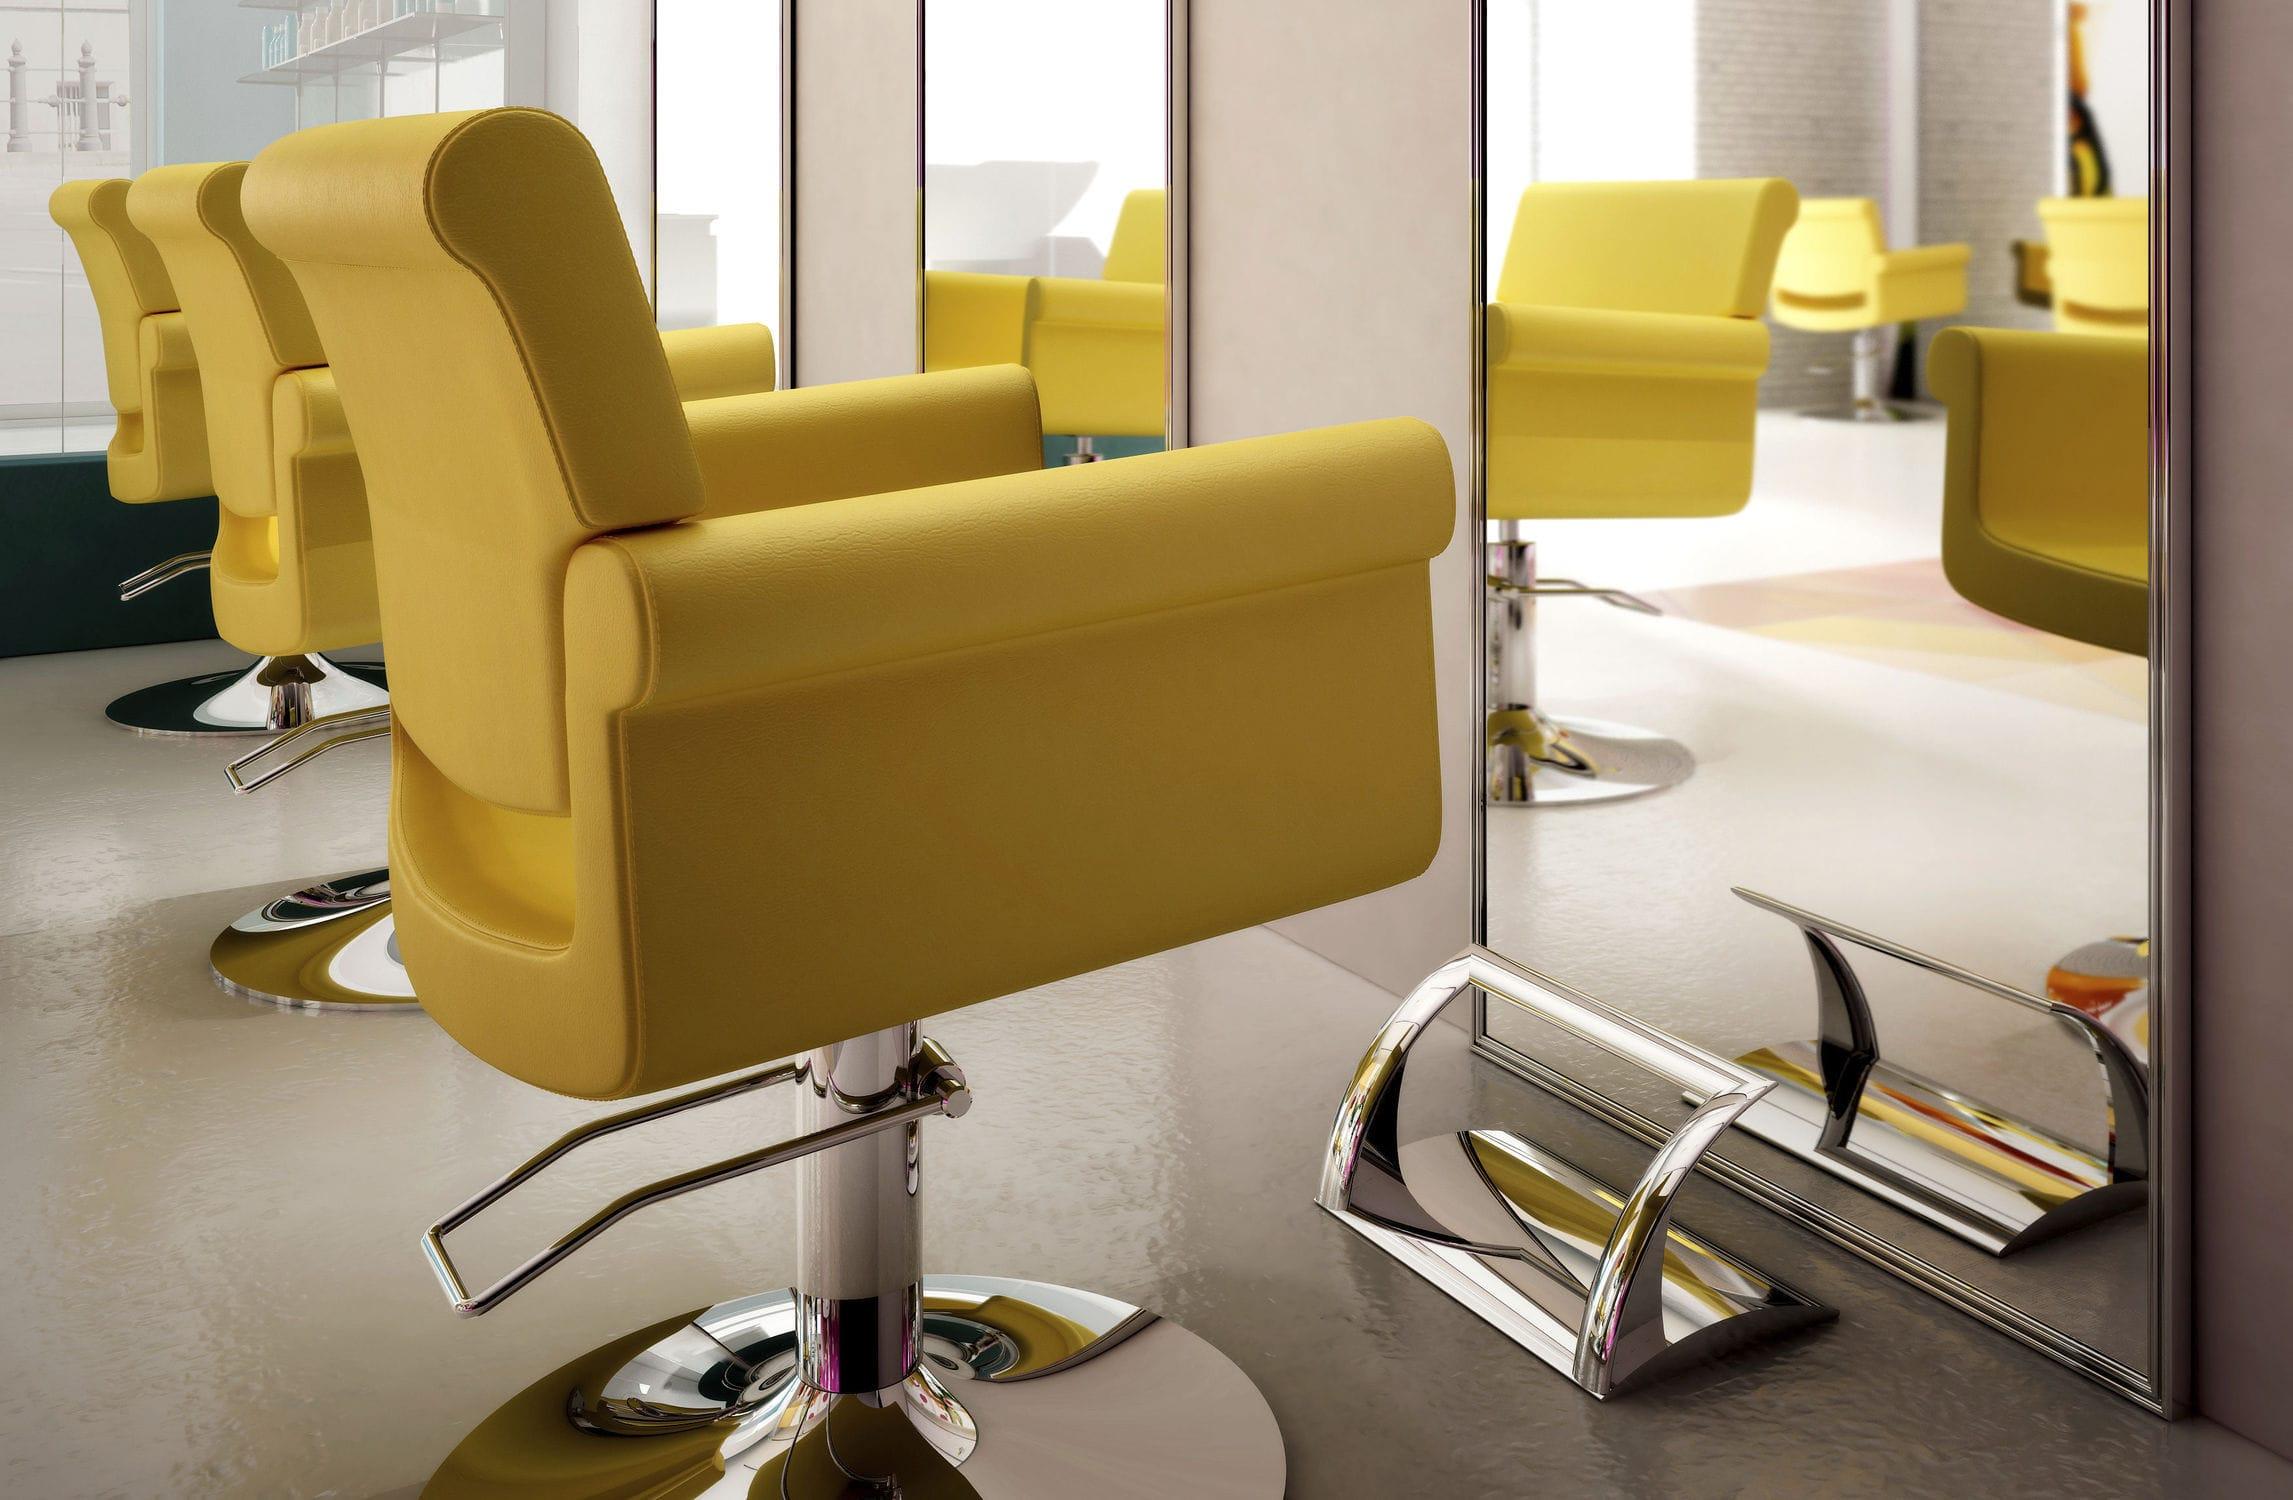 Poggiapiedi moderno in alluminio per parrucchiere madame